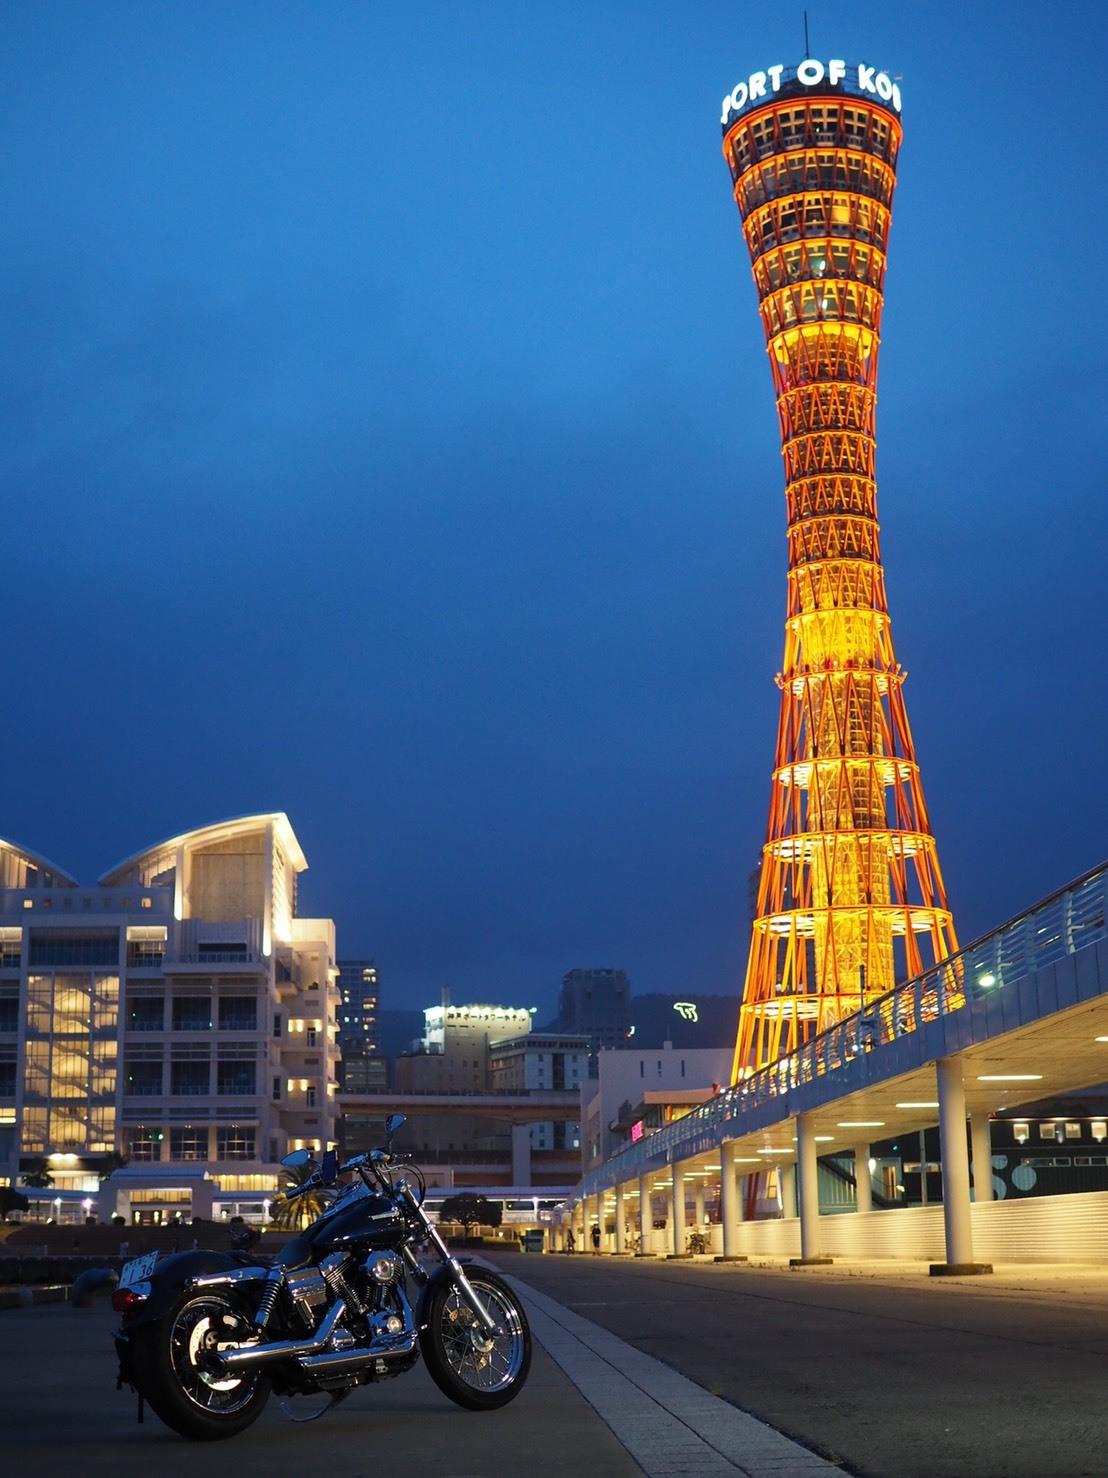 ぴーきちハーレーブログ 神戸ナイトツーリング 夜景撮影 インスタ映え ハーバーランド